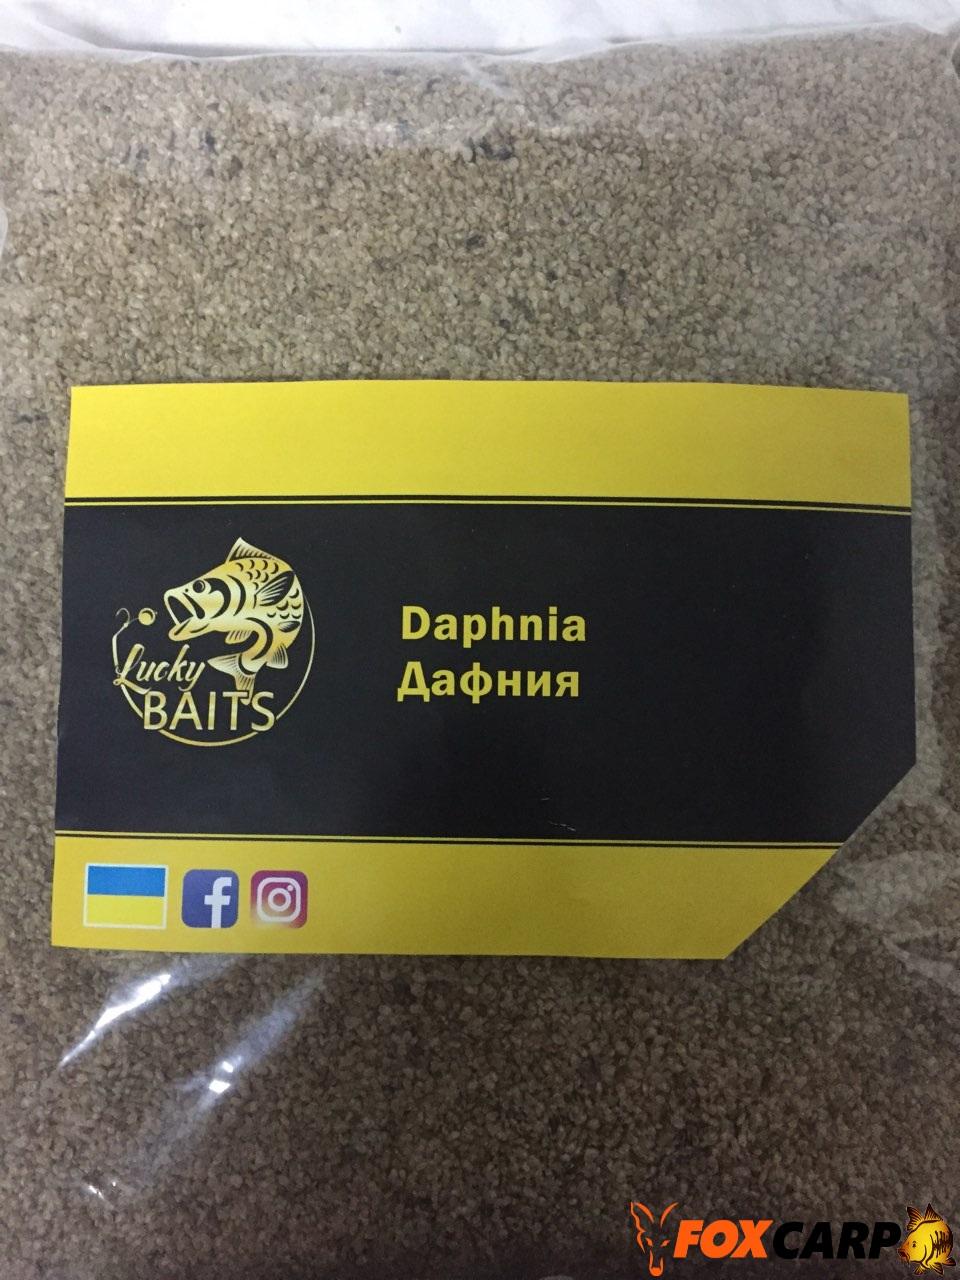 Lucky Baits Daphnia (Дафния)